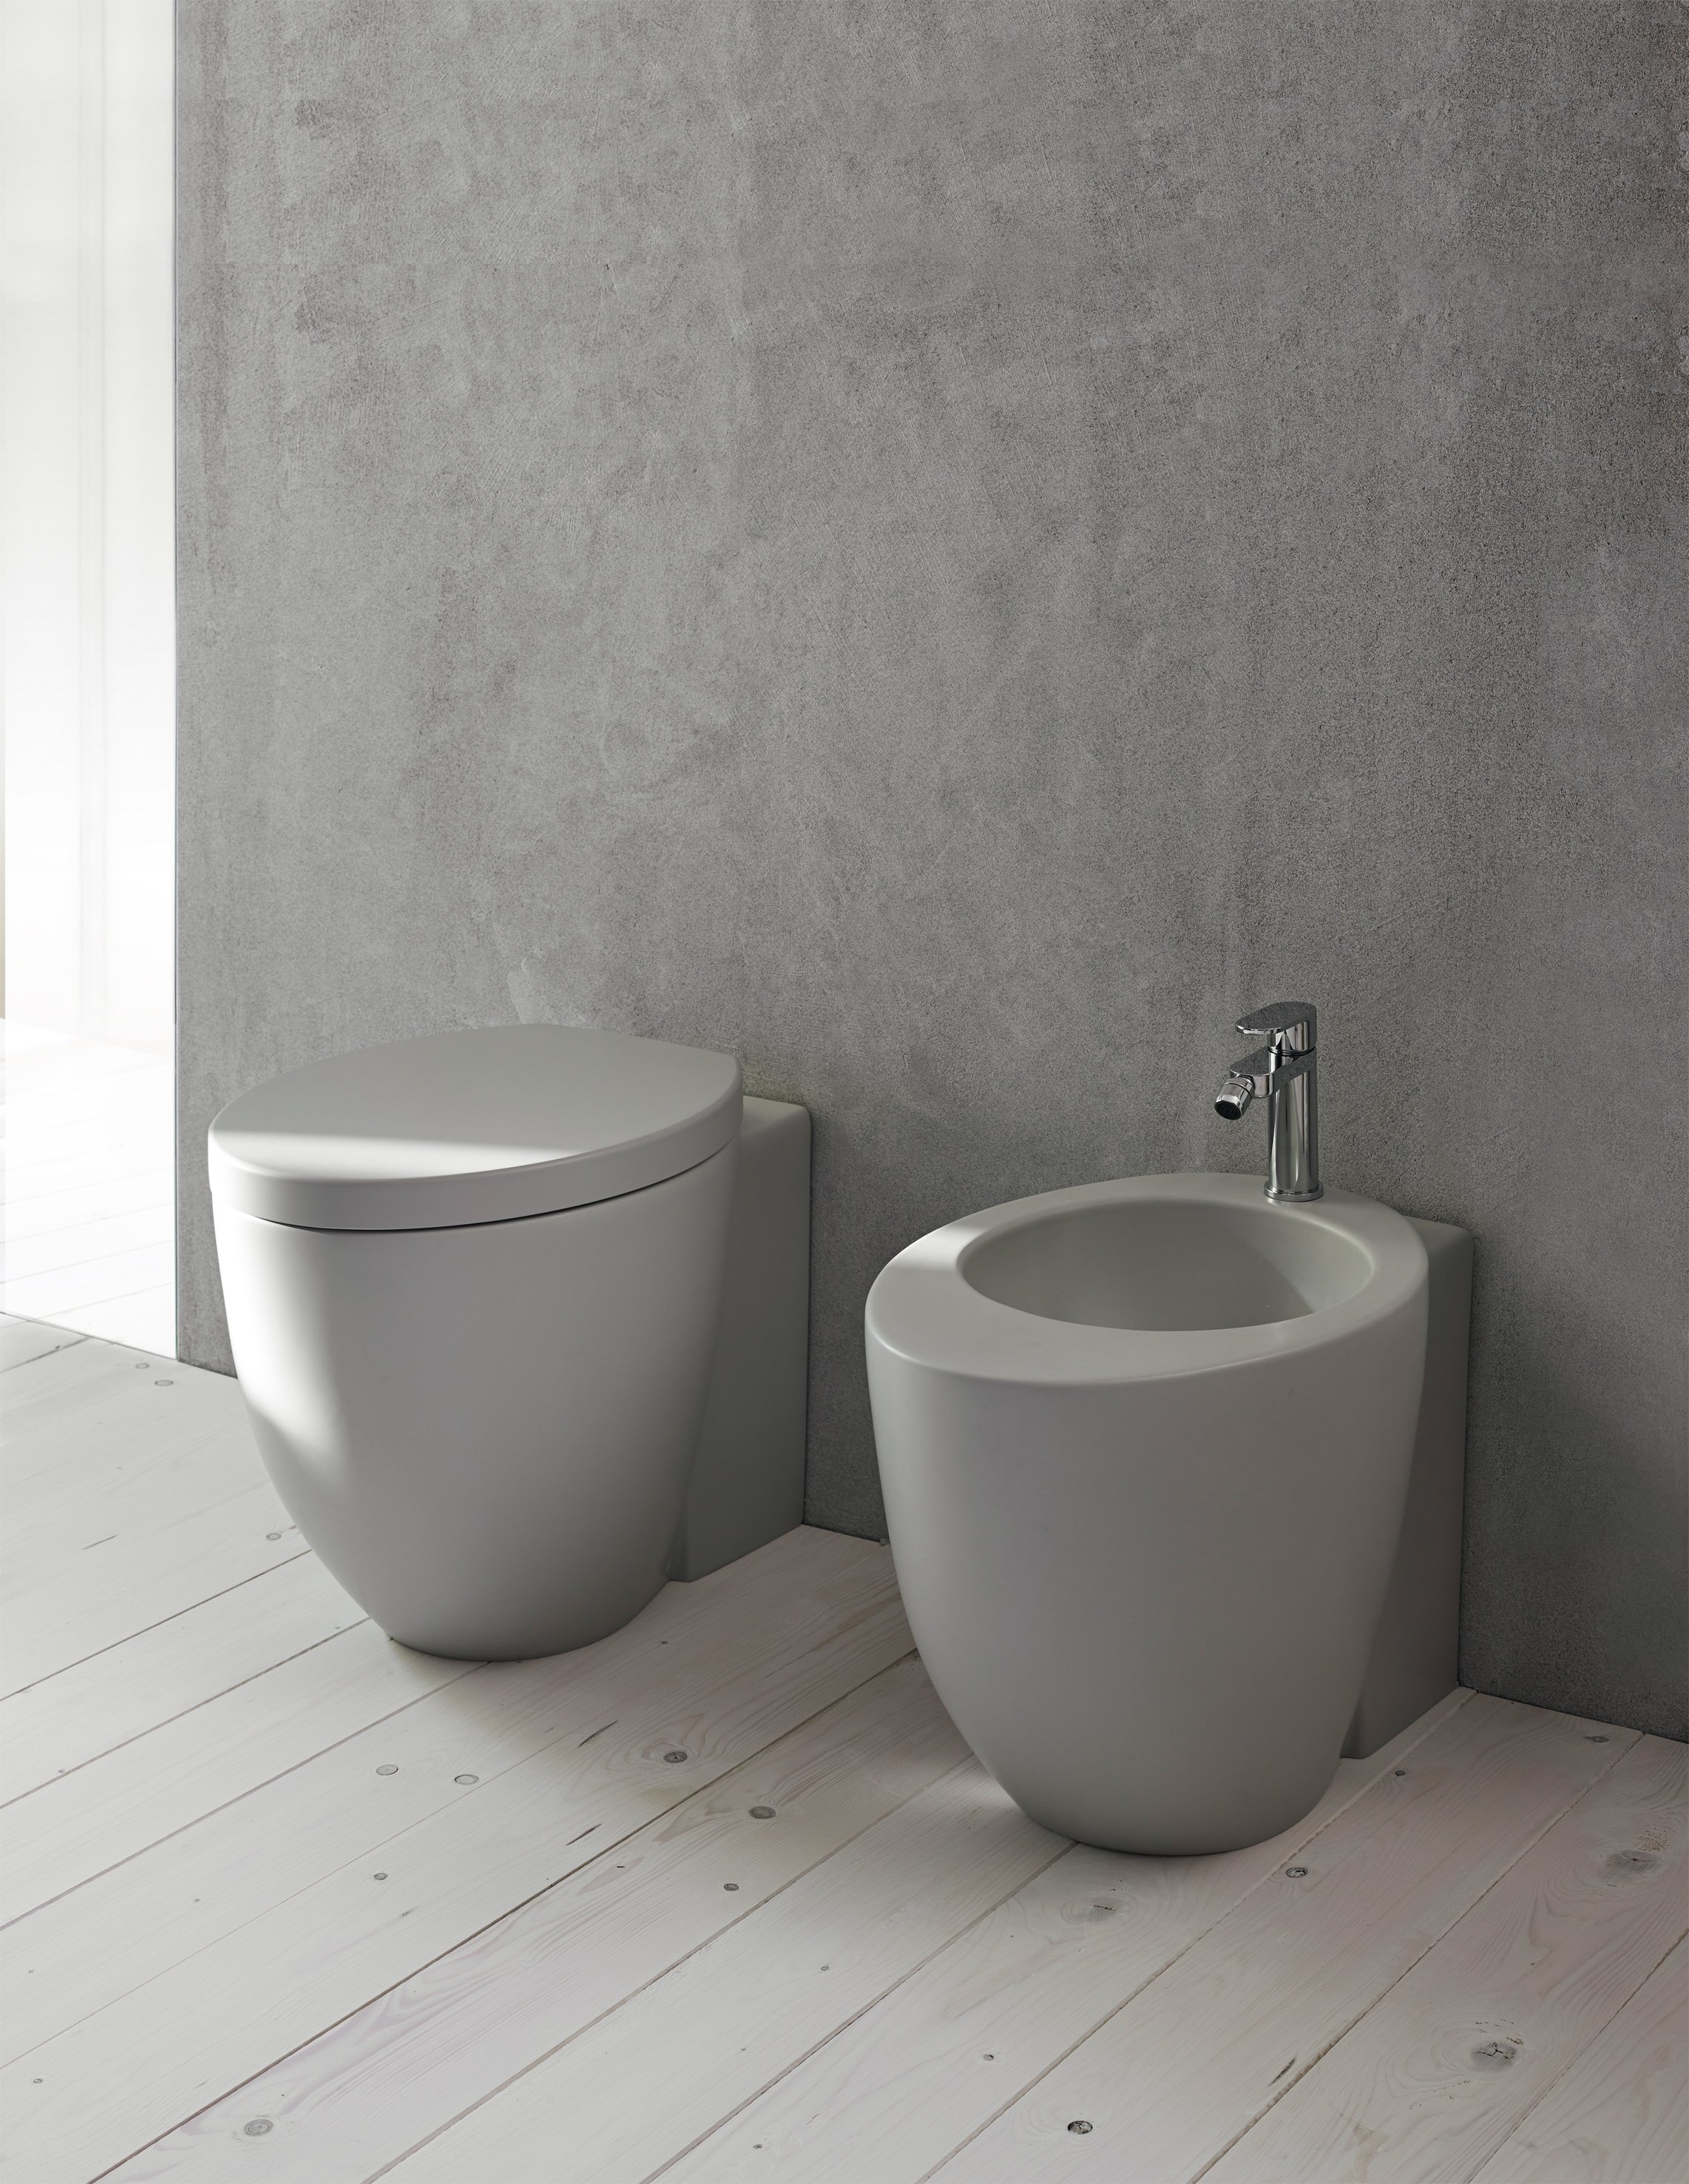 Sanitari Nero Ceramica Prezzi.Tendenze Bagno Sanitari Grigi E Neri Cose Di Casa